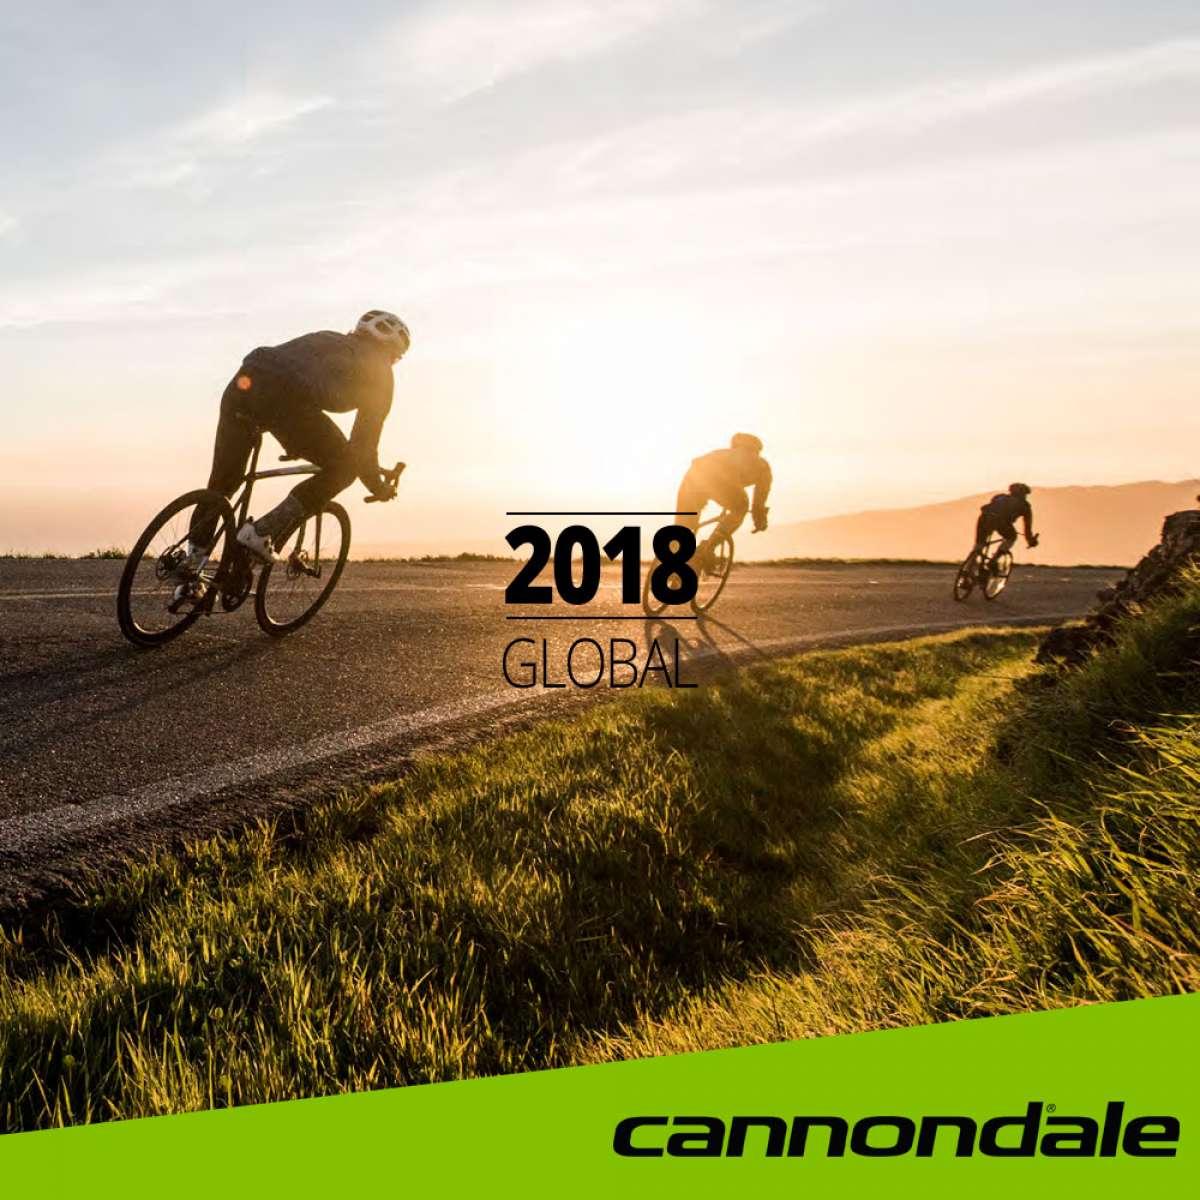 En TodoMountainBike: Catálogo de Cannondale 2018. Toda la gama de bicicletas Cannondale para la temporada 2018